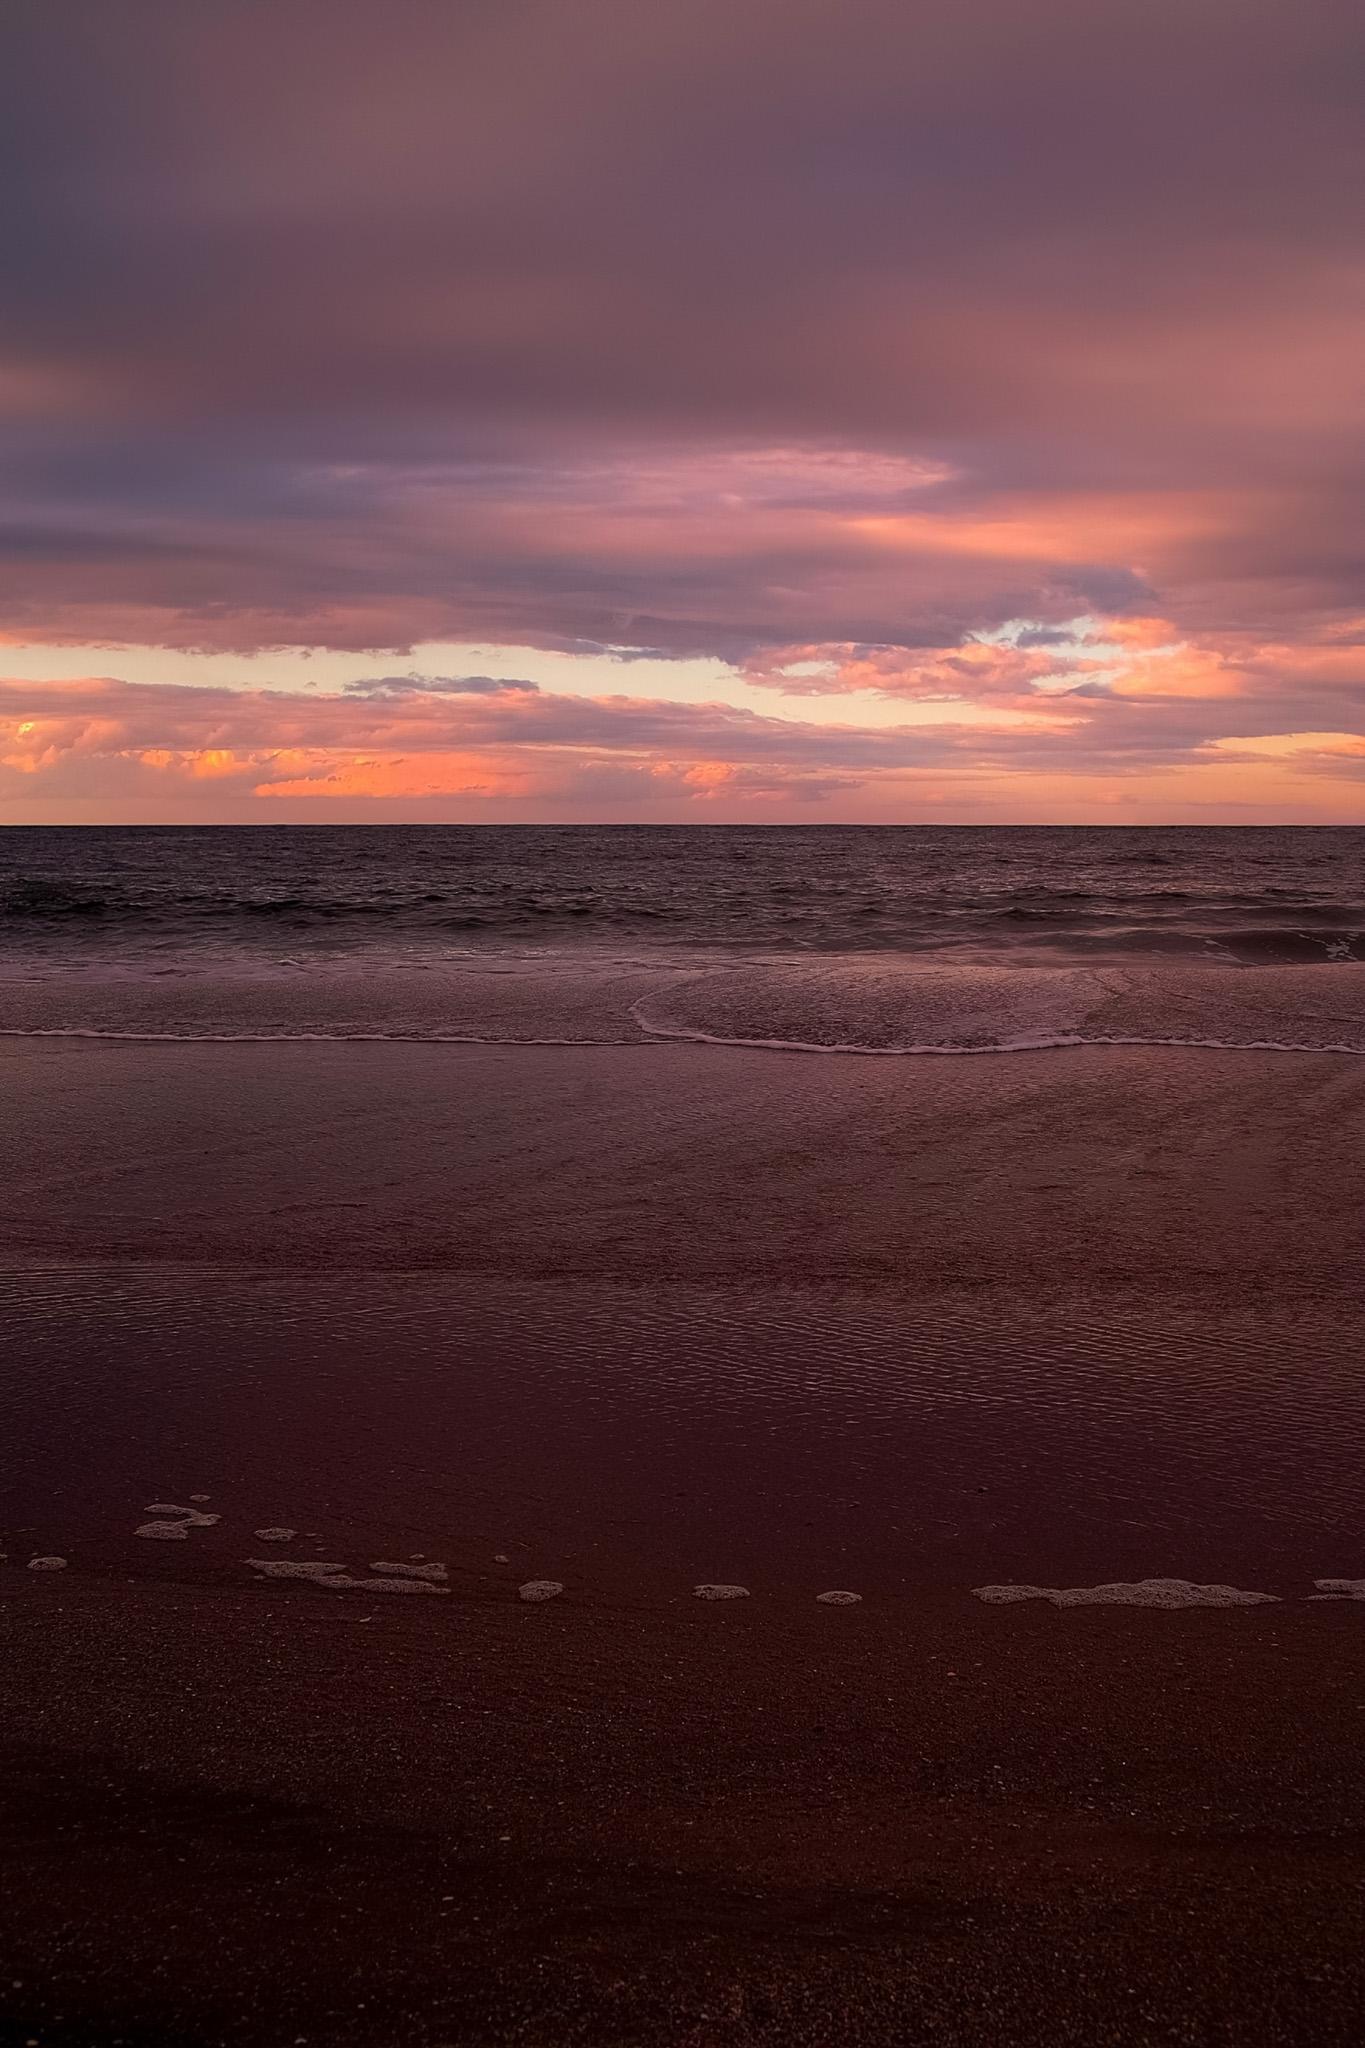 「サンセットビーチの画像」